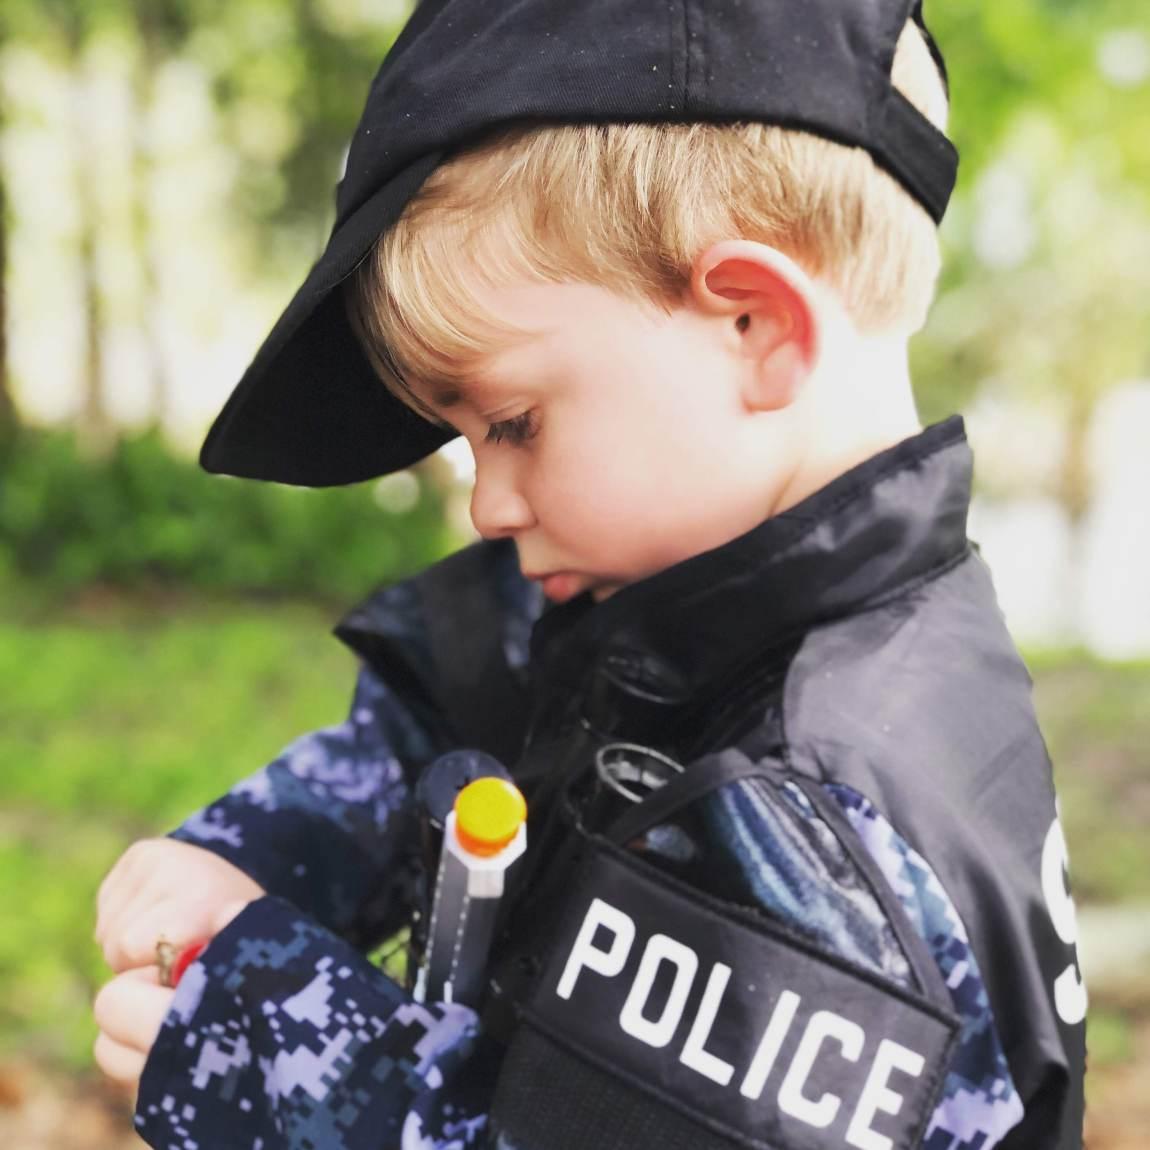 He is SWAT!